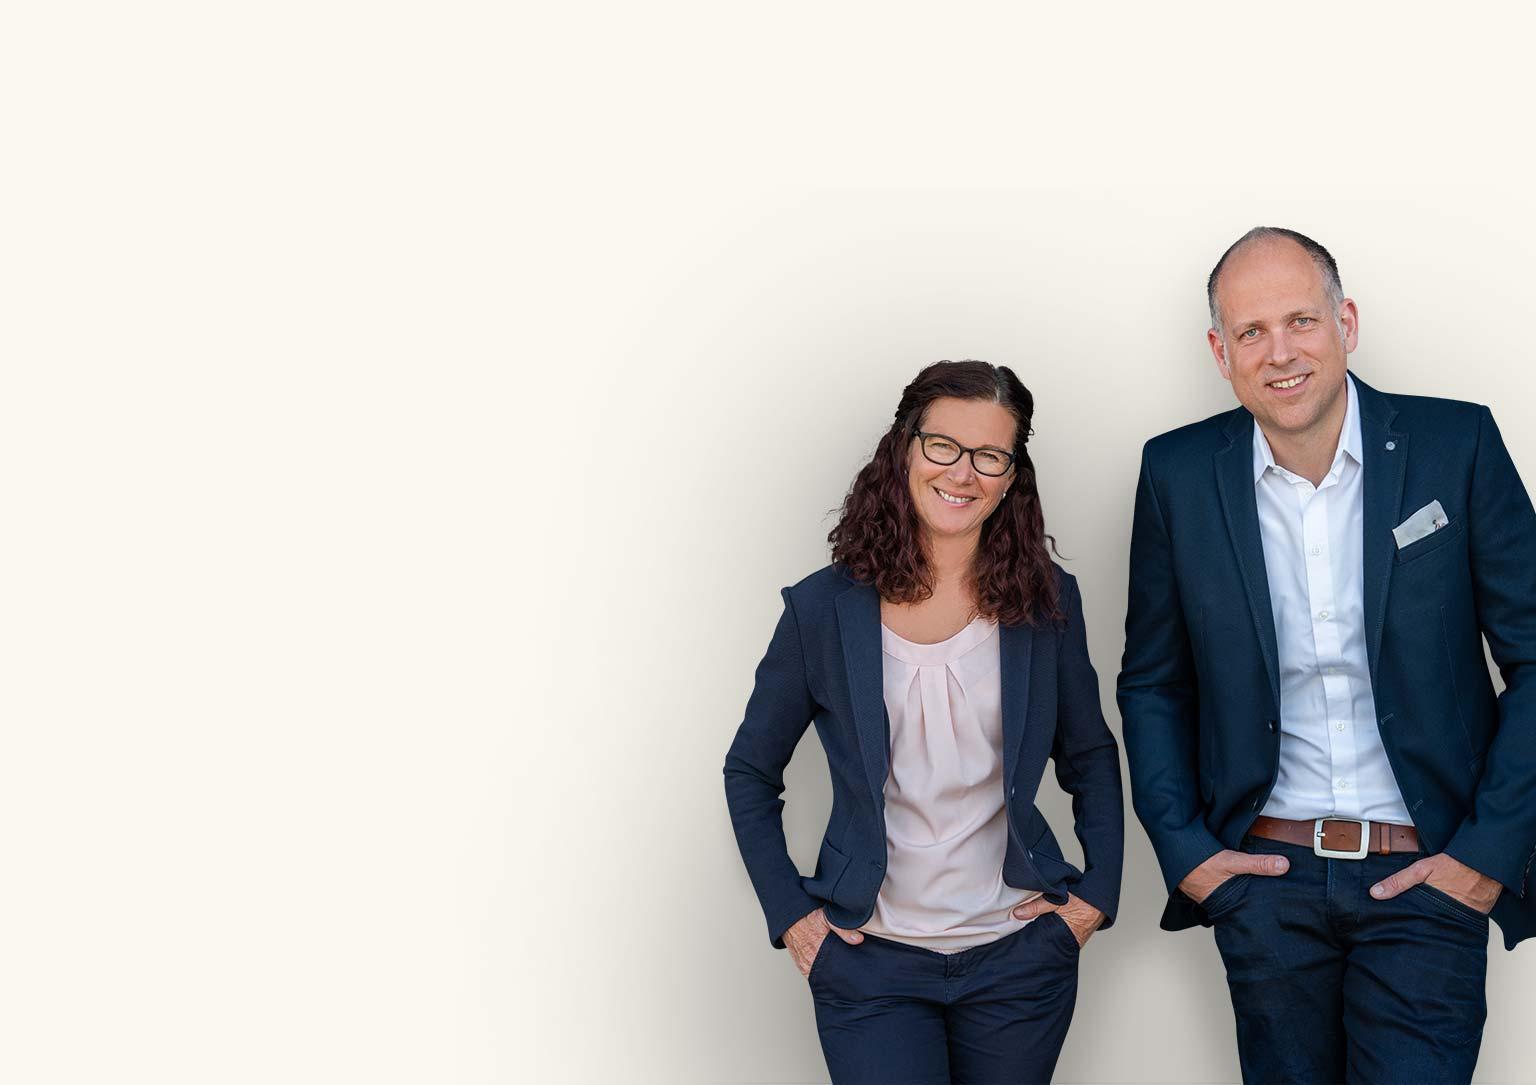 Kooperationen zwischen FERTIGHAUSFINANZIERING.COM und Fertighausfirmen und -verkäufer